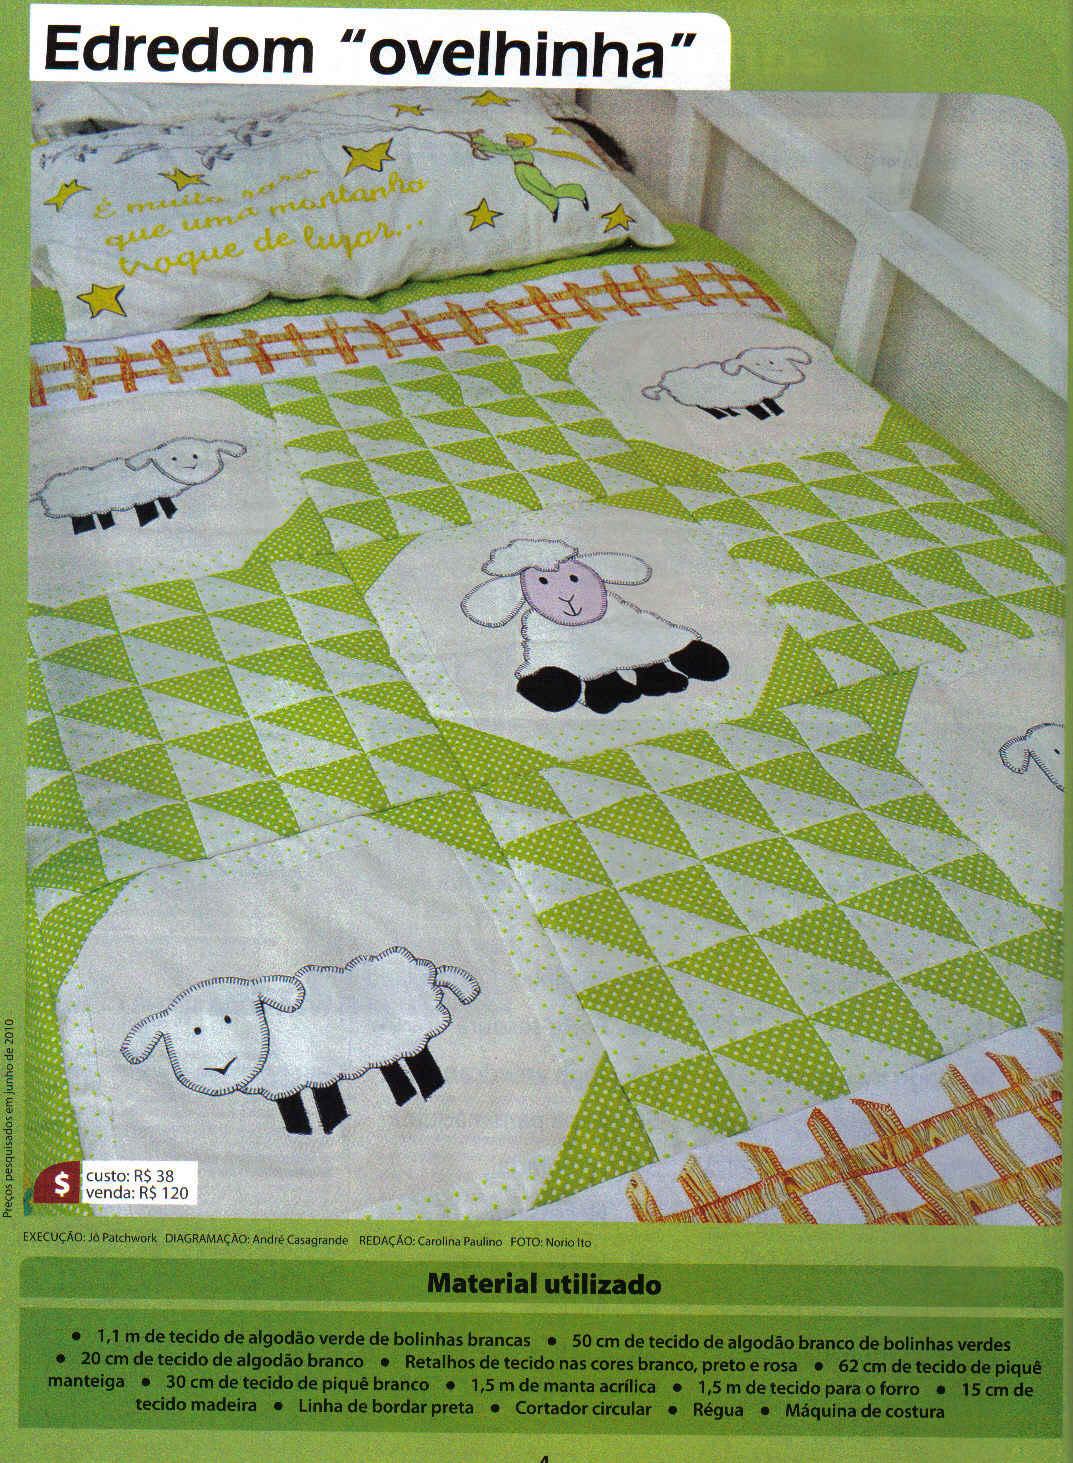 детское одеяло с овечками в технике пэчворк